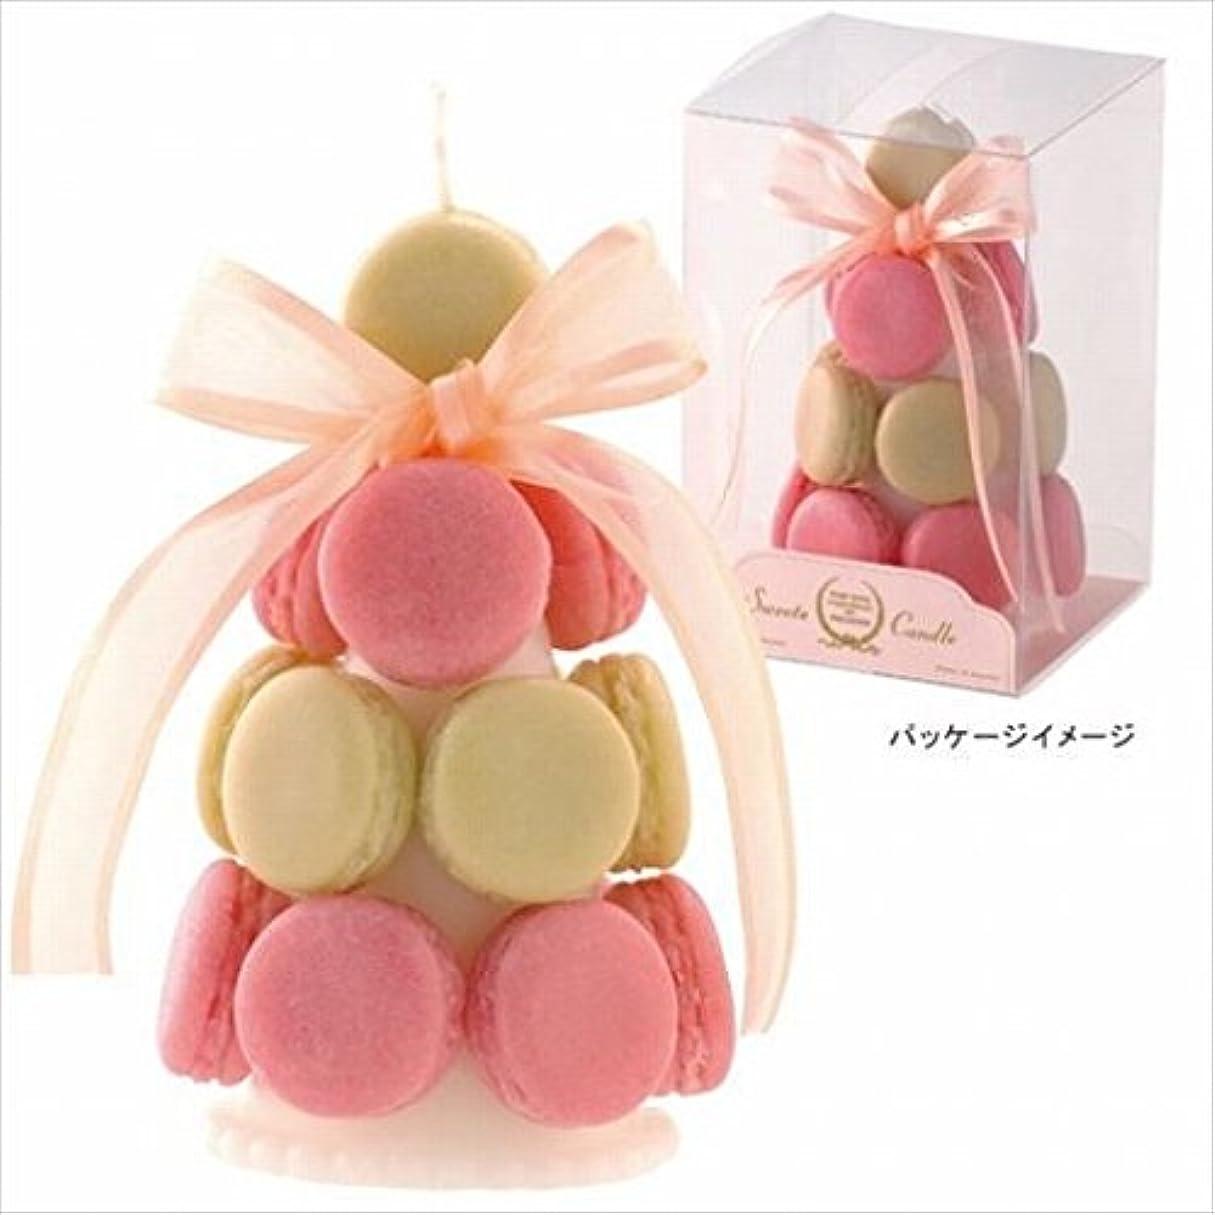 揺れる接続詞シニスkameyama candle(カメヤマキャンドル) ハッピーマカロンタワー 「 キャラメル 」6個セット(A4580510)